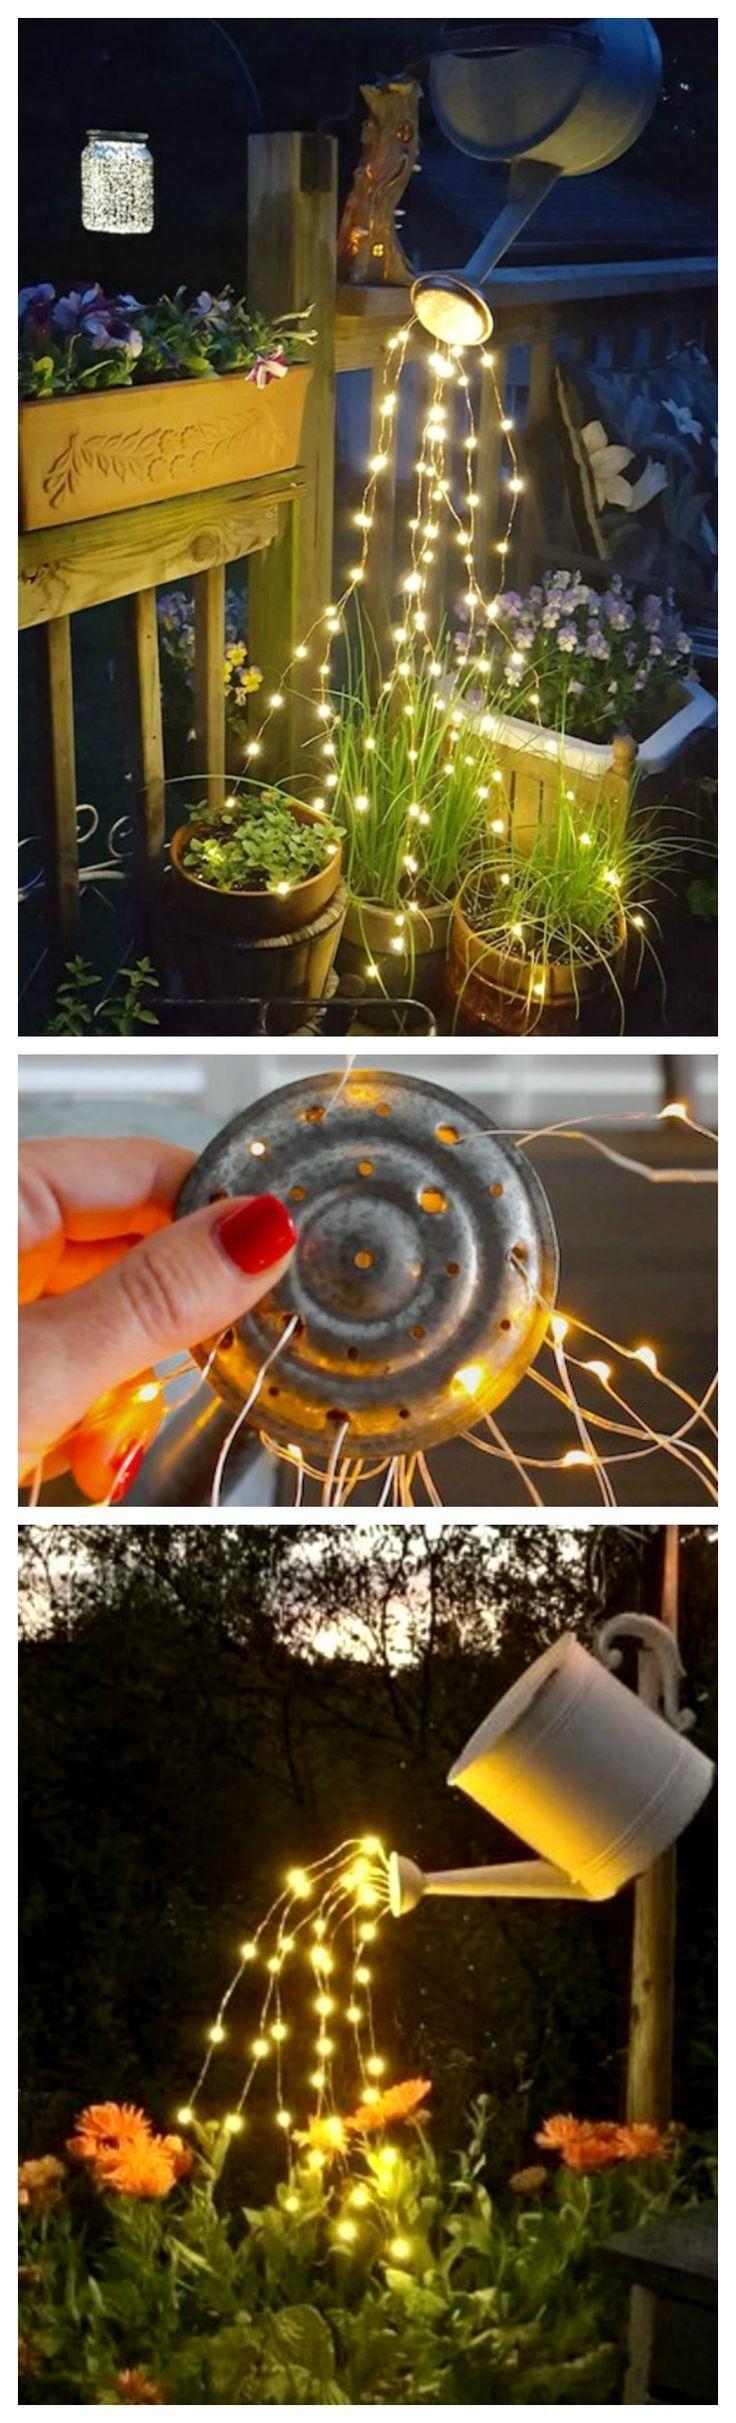 Wie Man Eine Leuchtende Giesskanne Mit Lichterketten Macht So Schon Und So Suss Garten Deko Deko Eine Fairy Lights Diy Outdoor Outdoor Diy Projects